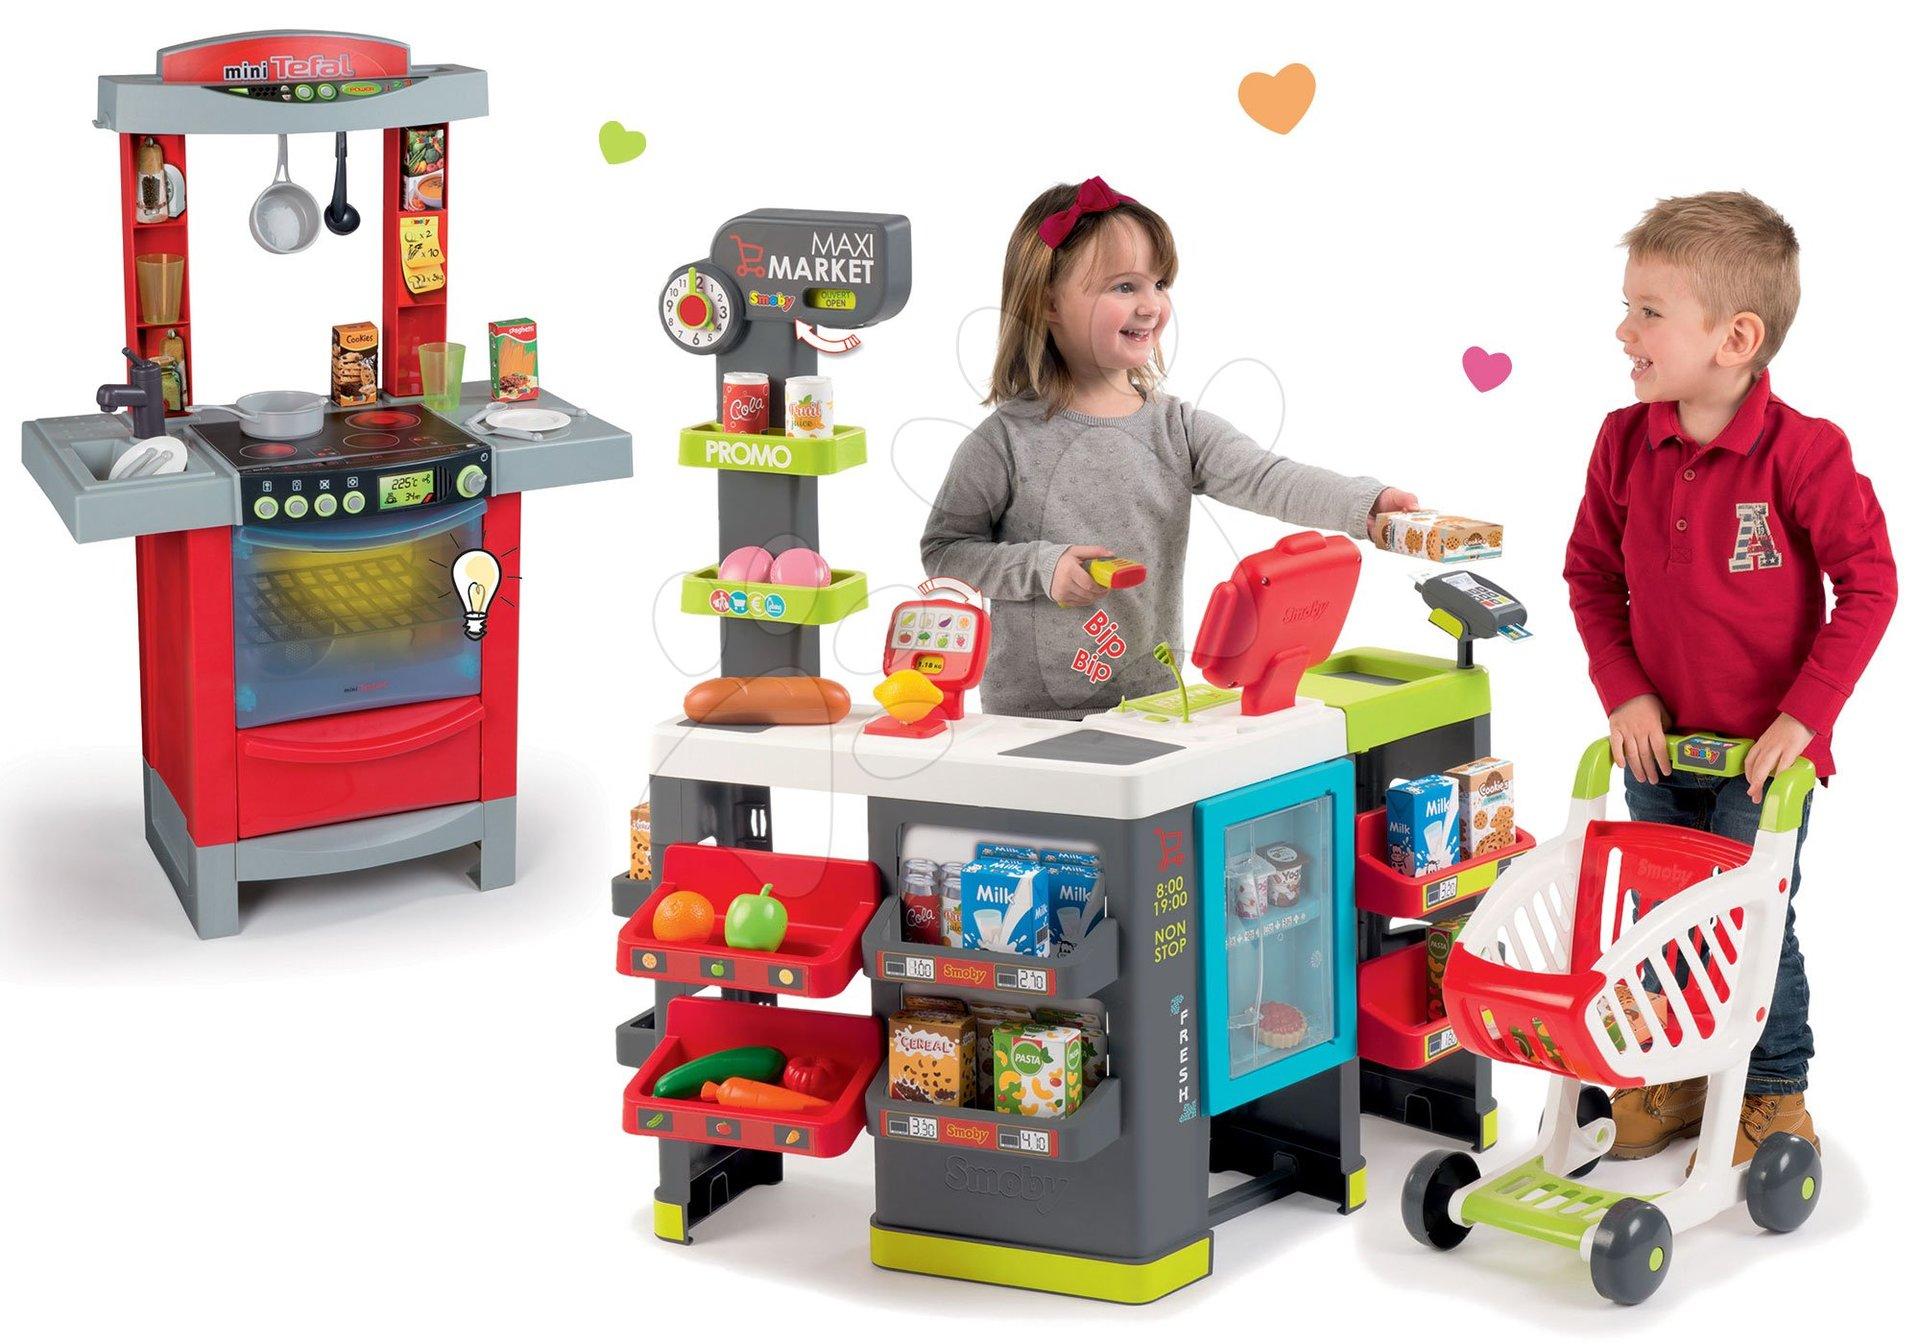 Obchody pre deti sety - Set obchod Maxi Market Smoby s elektronickou pokladňou a kuchynka Cook'Tronic Tefal so zvukmi a svetlom